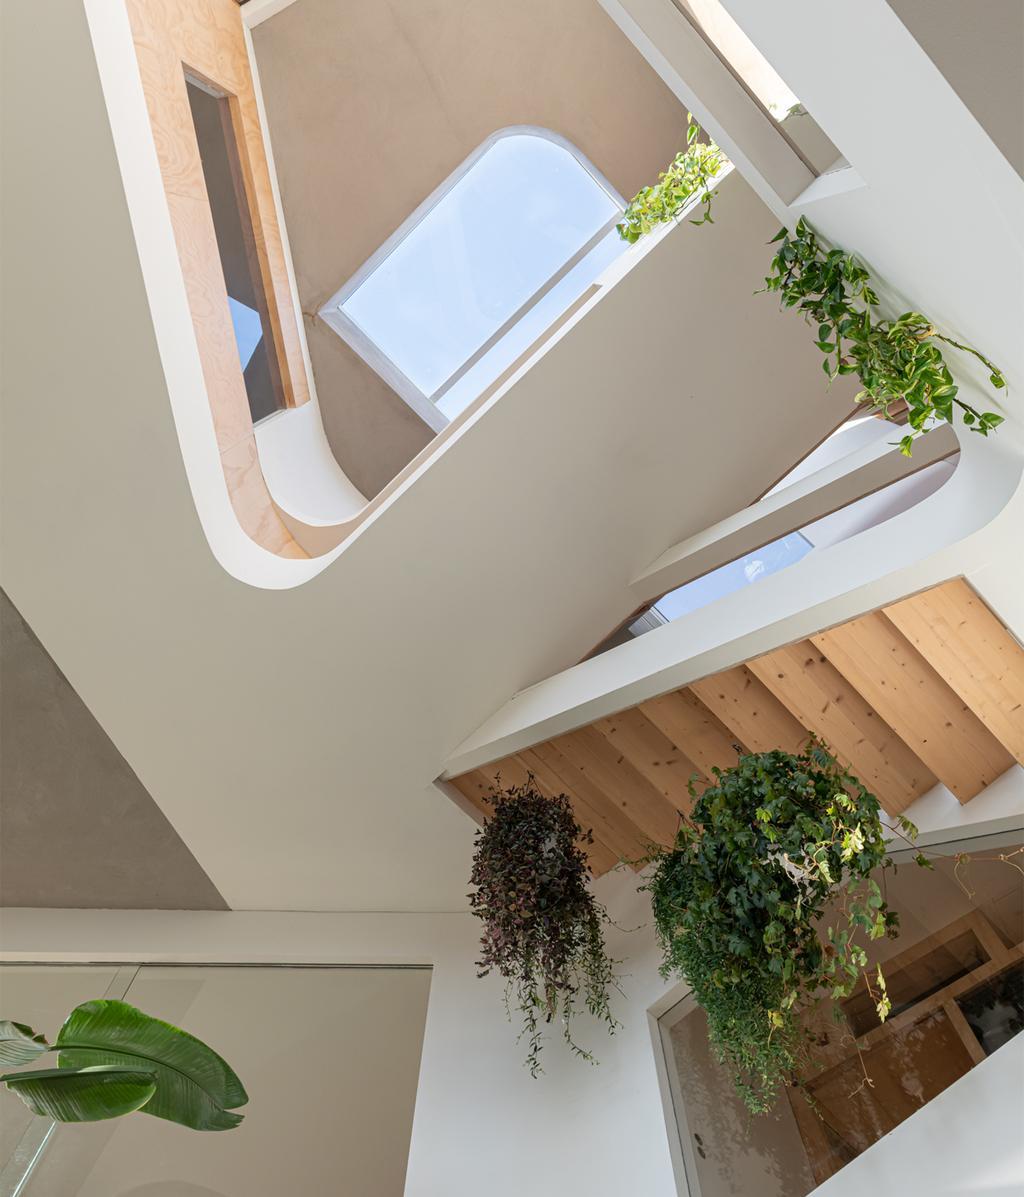 Trappenhuis met planten | Kunstzinnig huis | vtwonen 01-2021